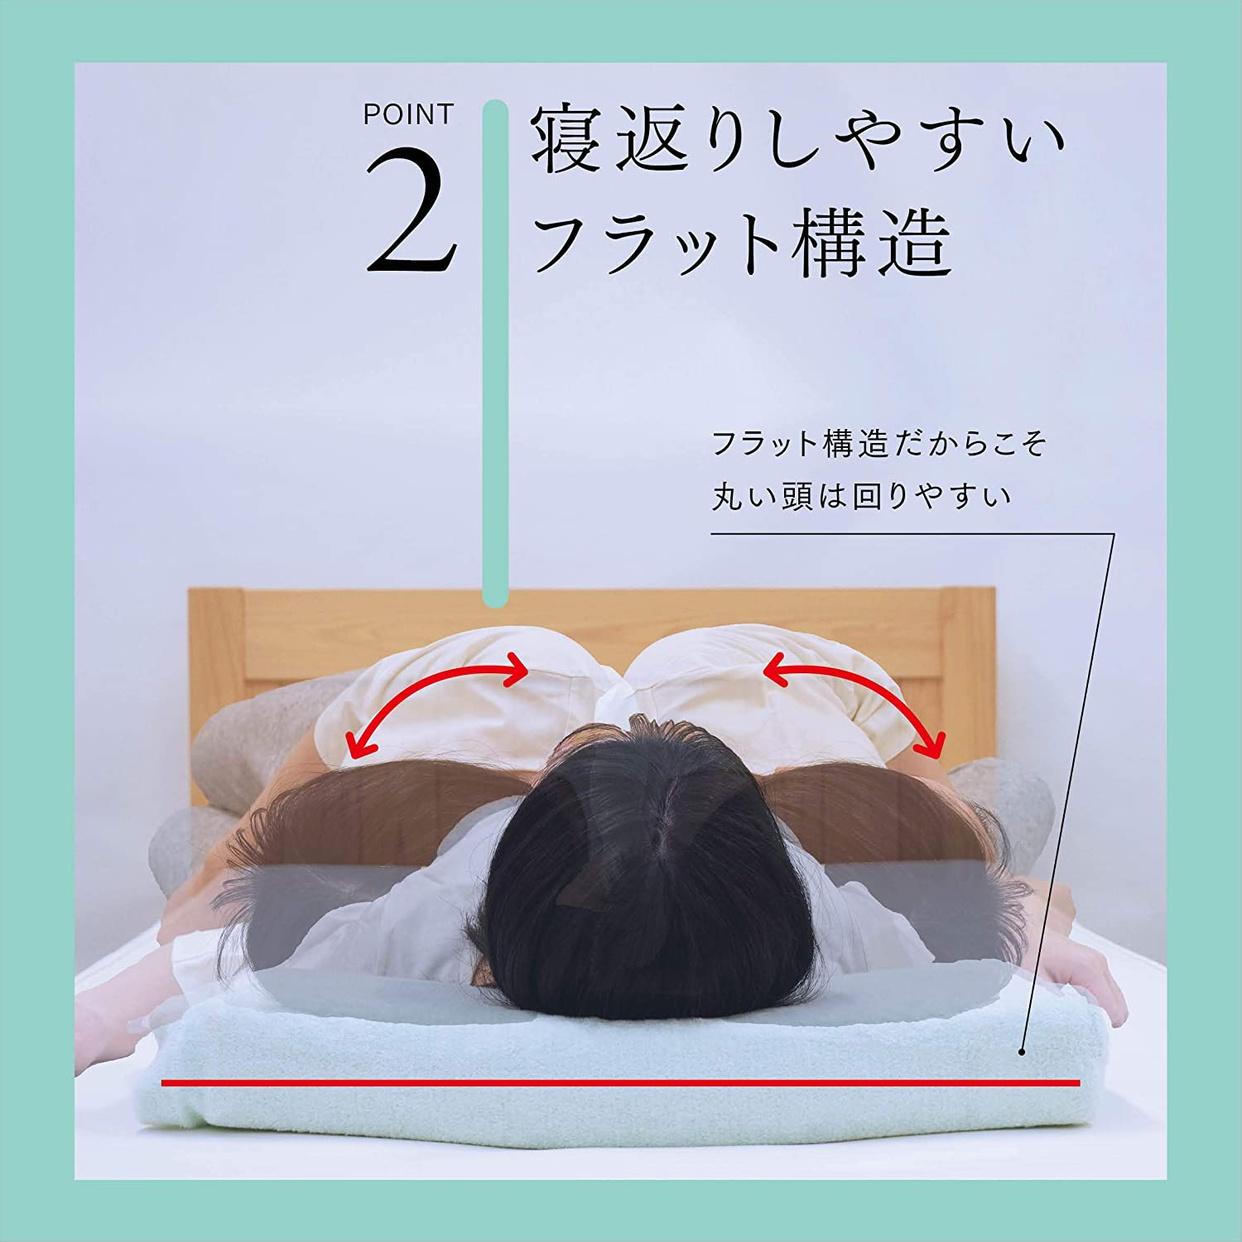 山田朱織枕研究所 整形外科枕ライトの商品画像5